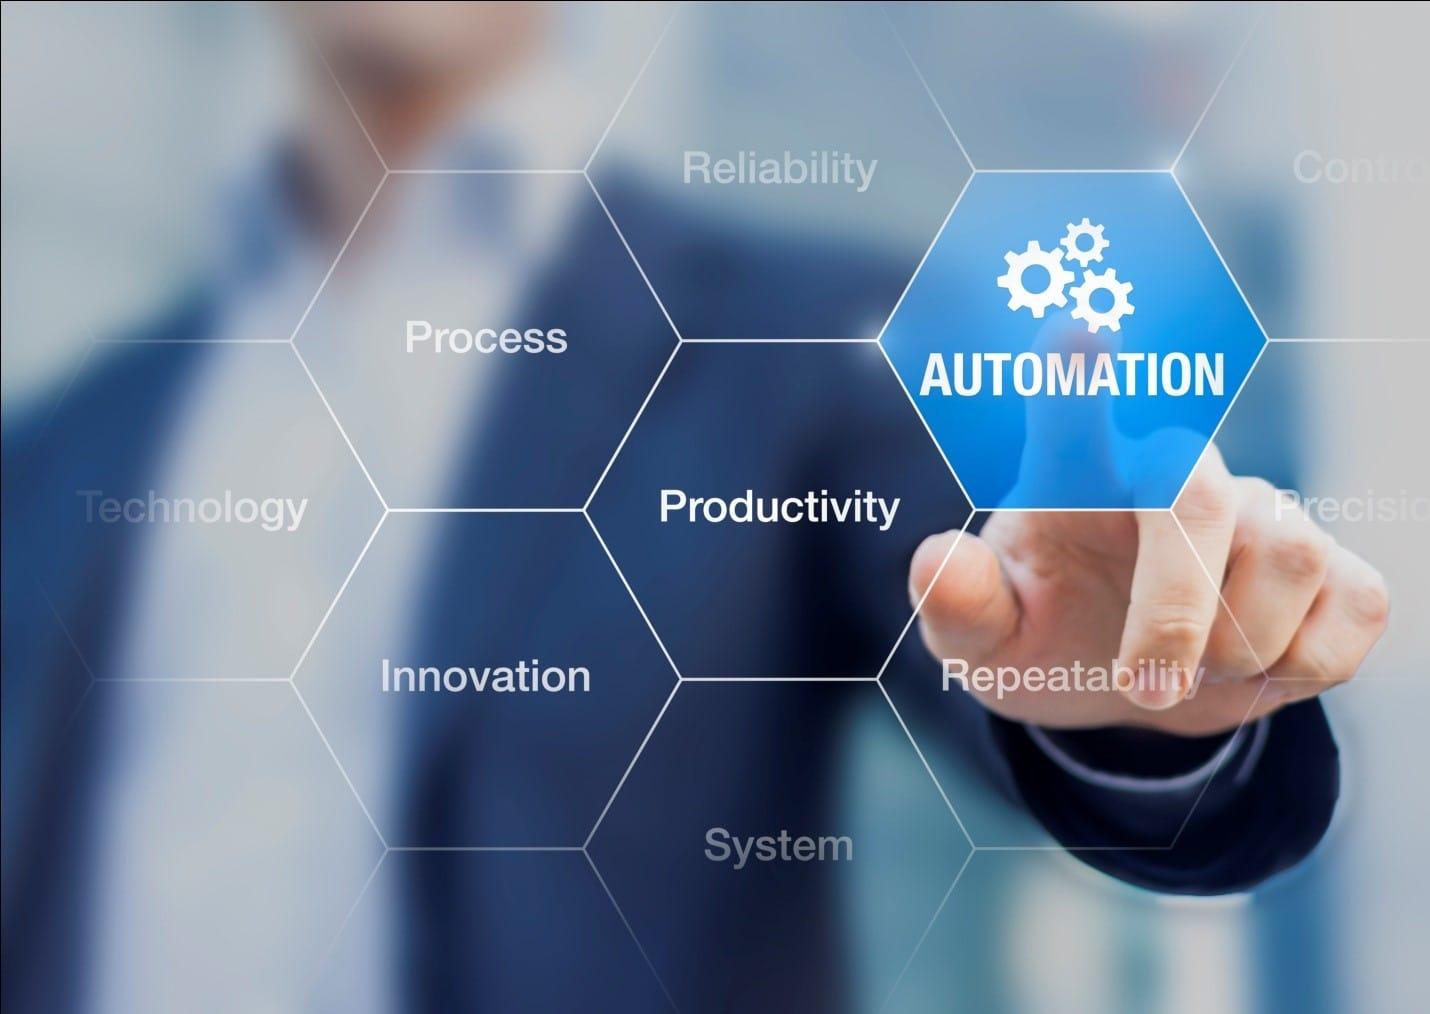 Trasformare e Automatizzare i Processi Aziendali - Digital Transformation - Esempi di processi aziendali atuomatizzati - Web Agency Ragusa, Sicilia & SEO Ragusa